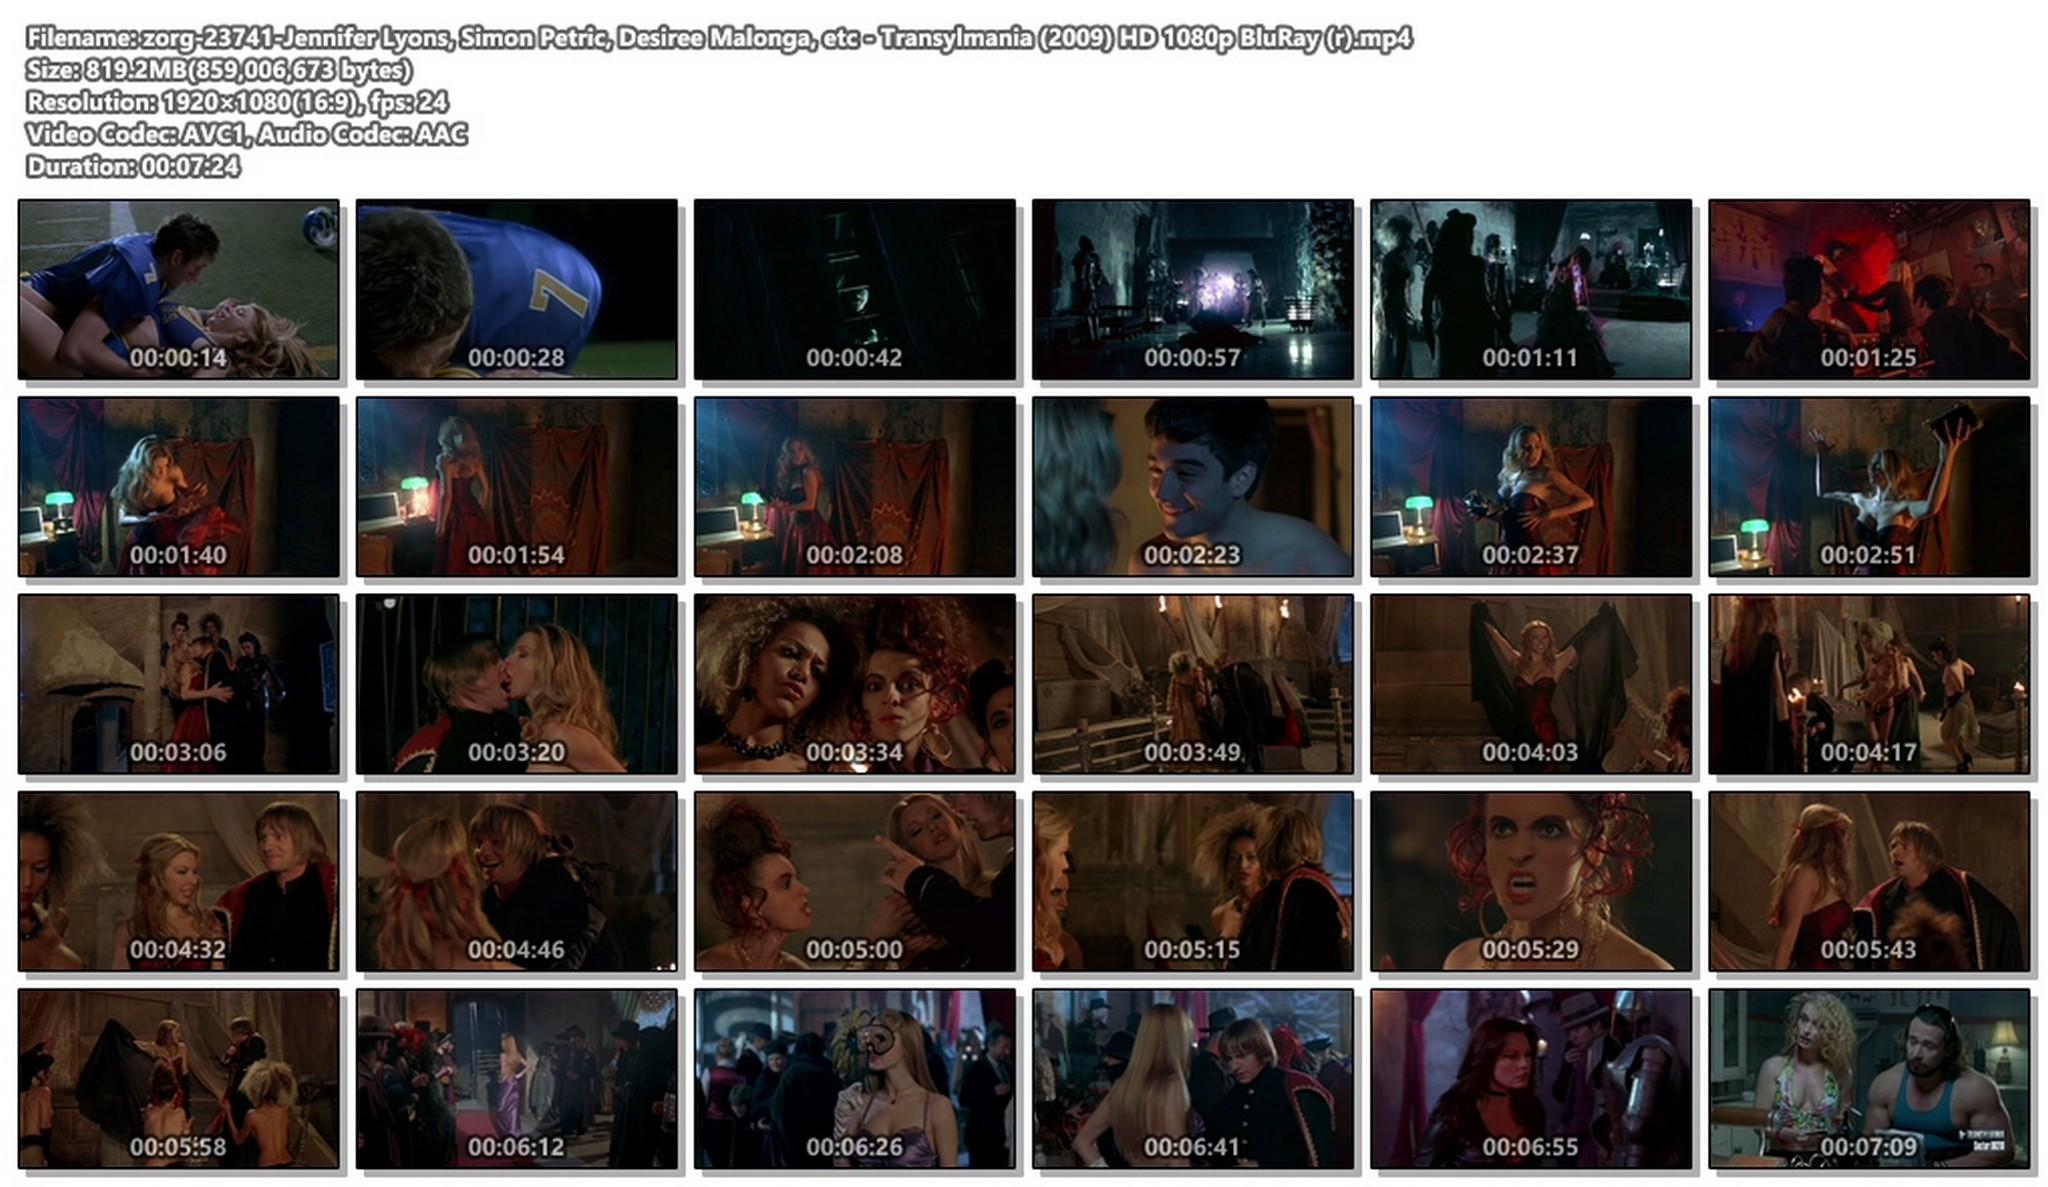 Jennifer Lyons hot Simon Petric, Desiree Malonga and others nude - Transylmania (2009) HD 1080p BluRay (r) (1)